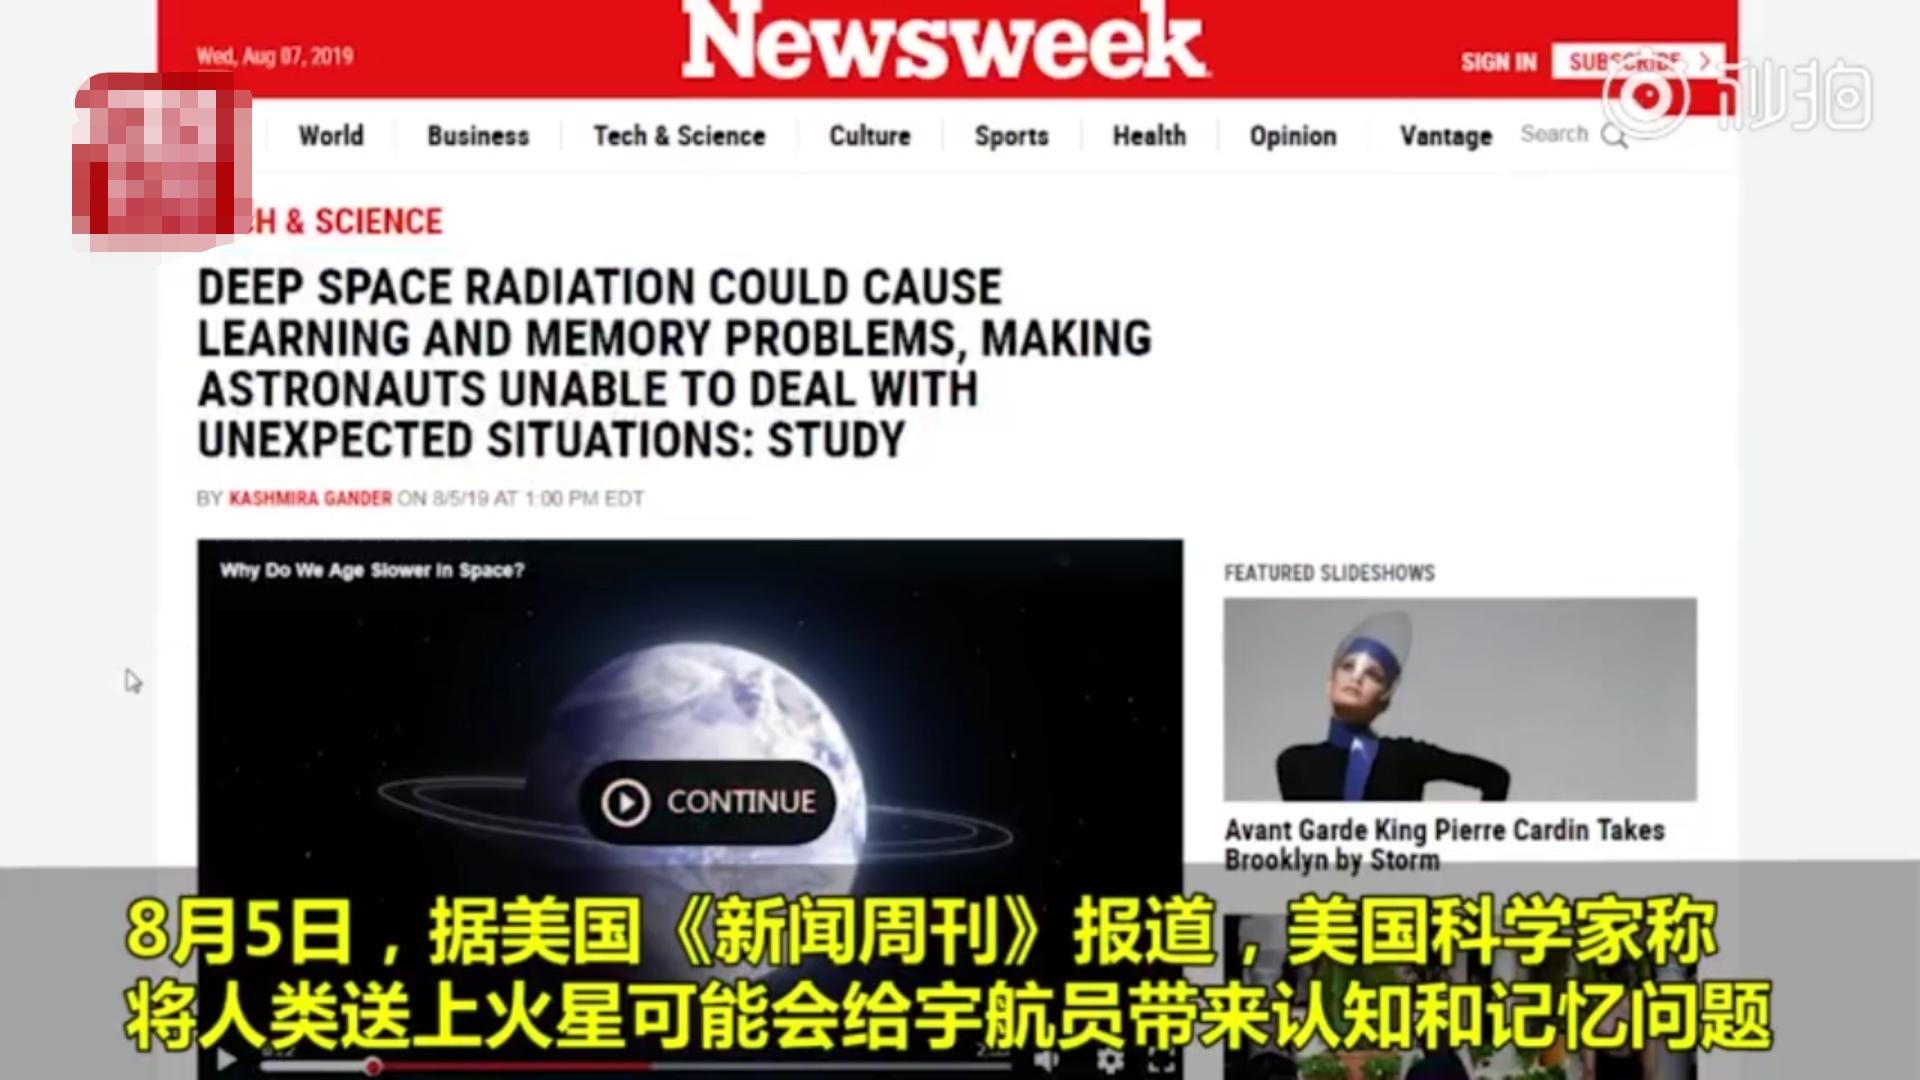 研究发现,受深空辐射影响,人类在火星上可能会变傻